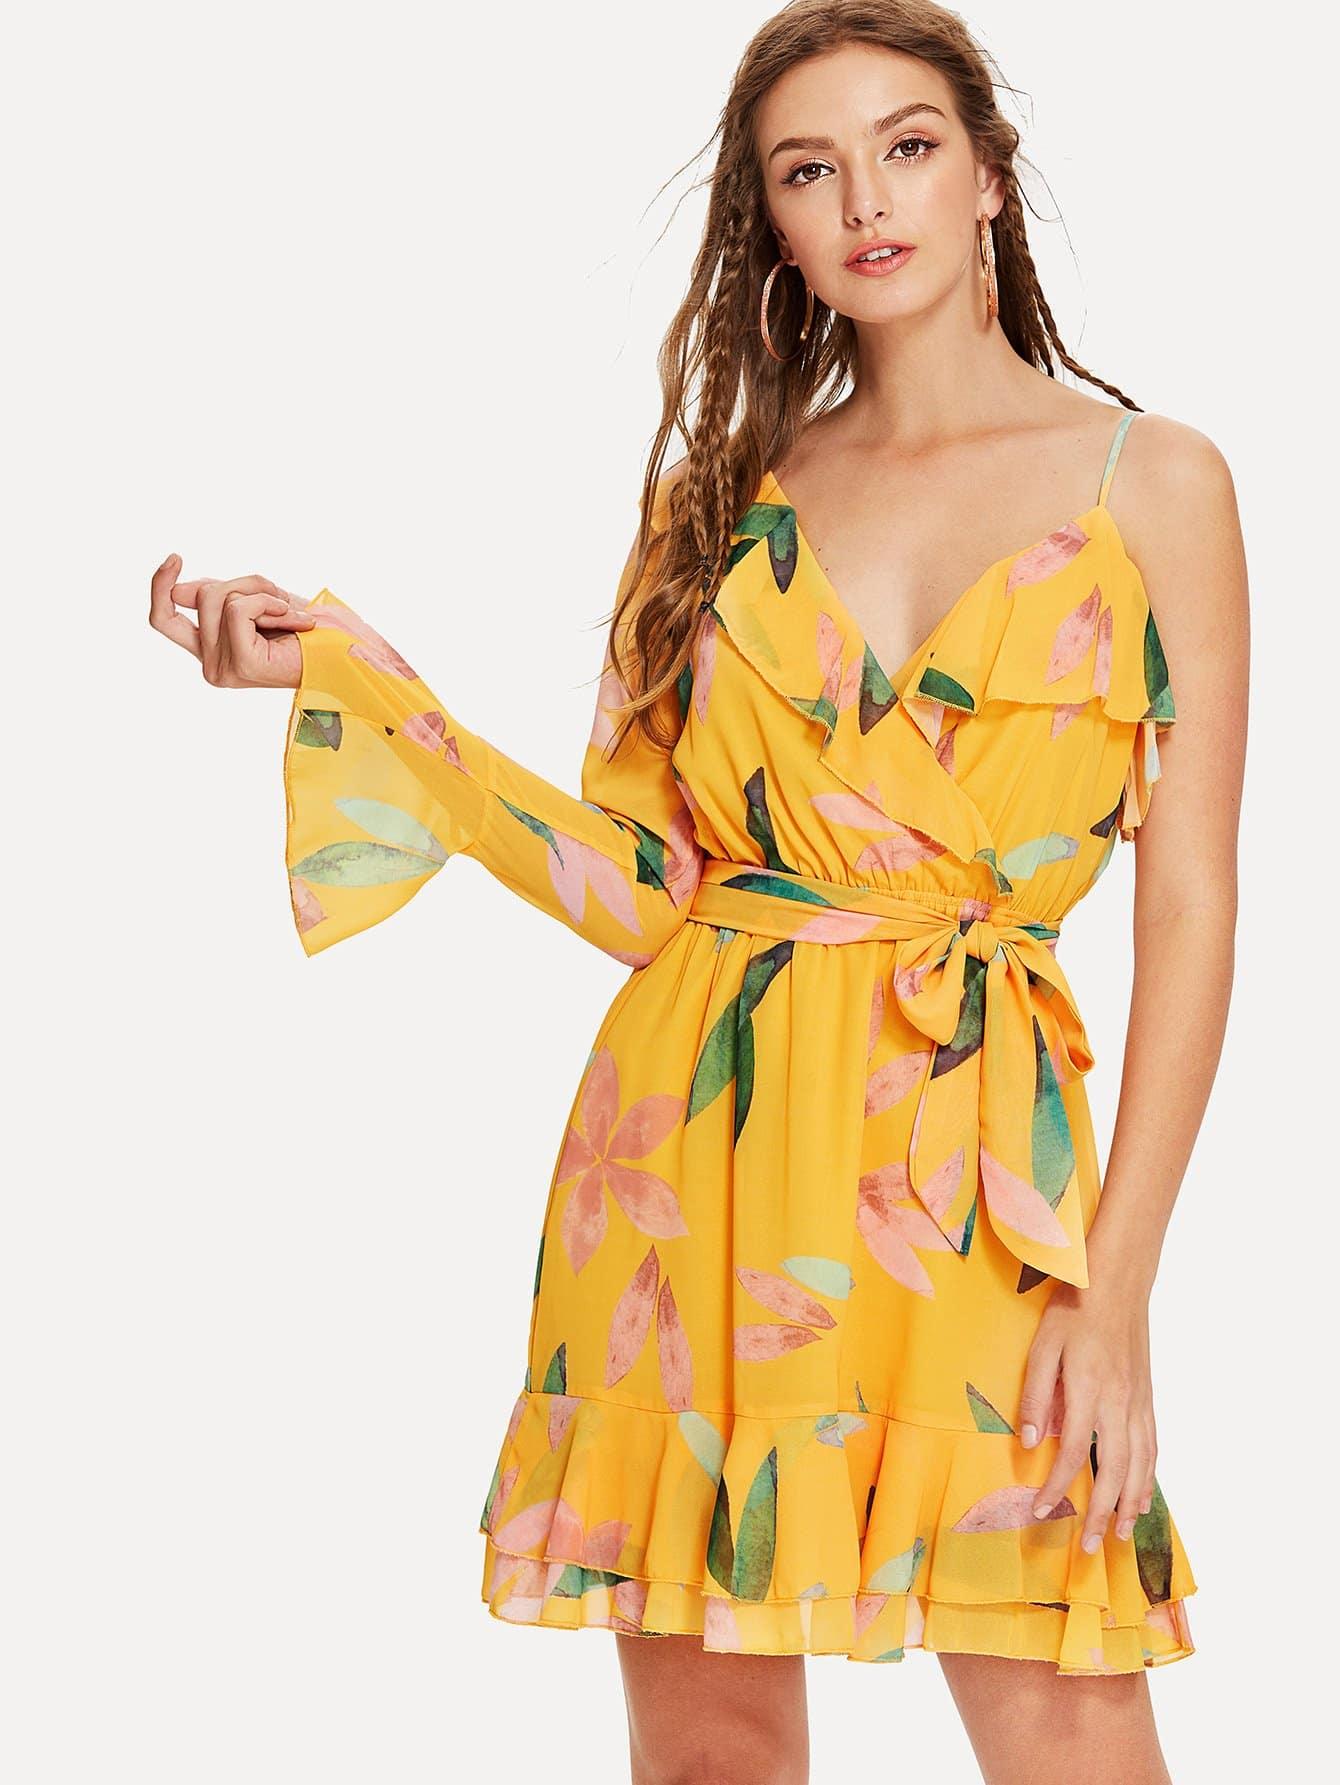 One Shoulder Ruffle Floral Wrap Dress one shoulder ruffle embellished dress